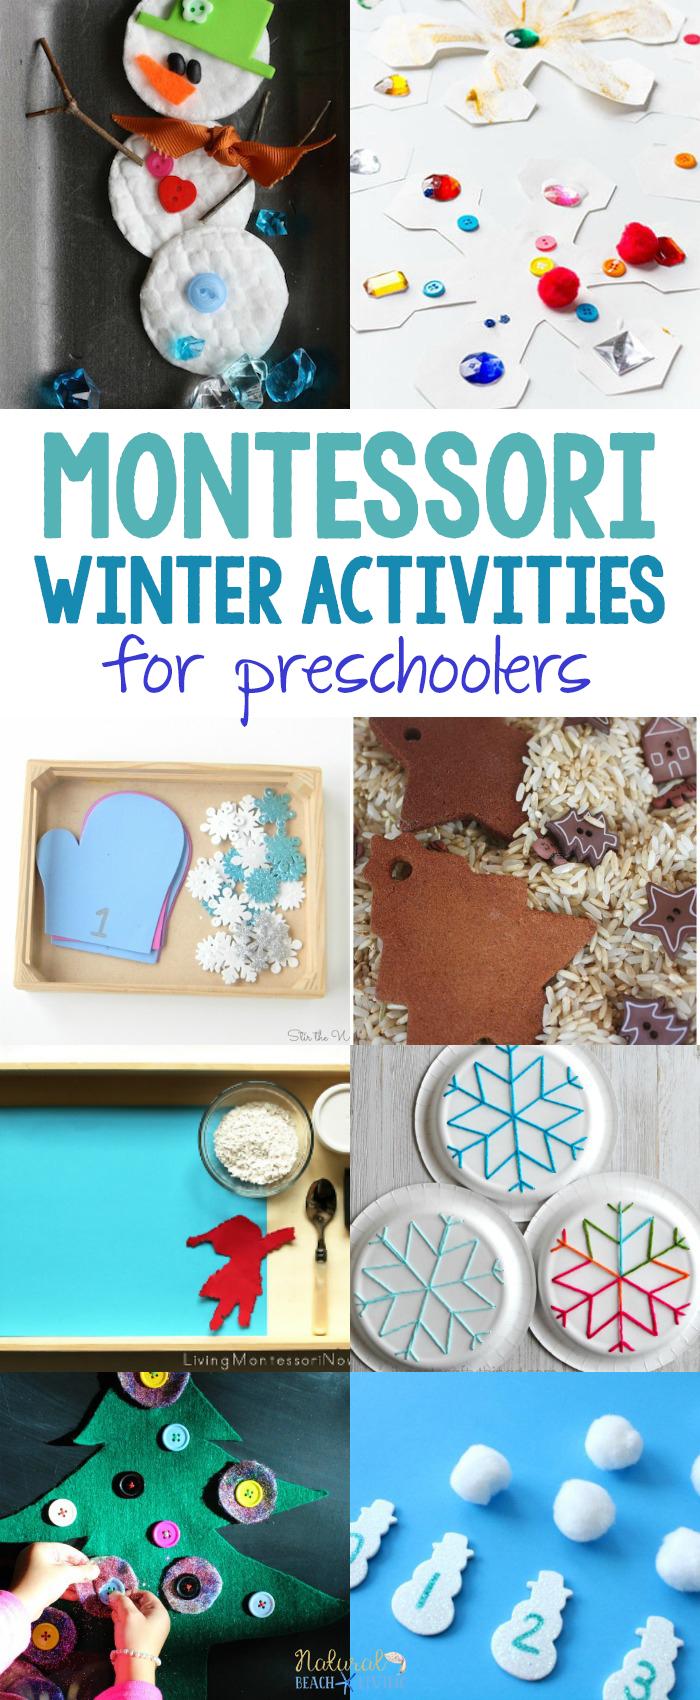 30+ Best Montessori Winter Activities for Preschool and Kindergarten